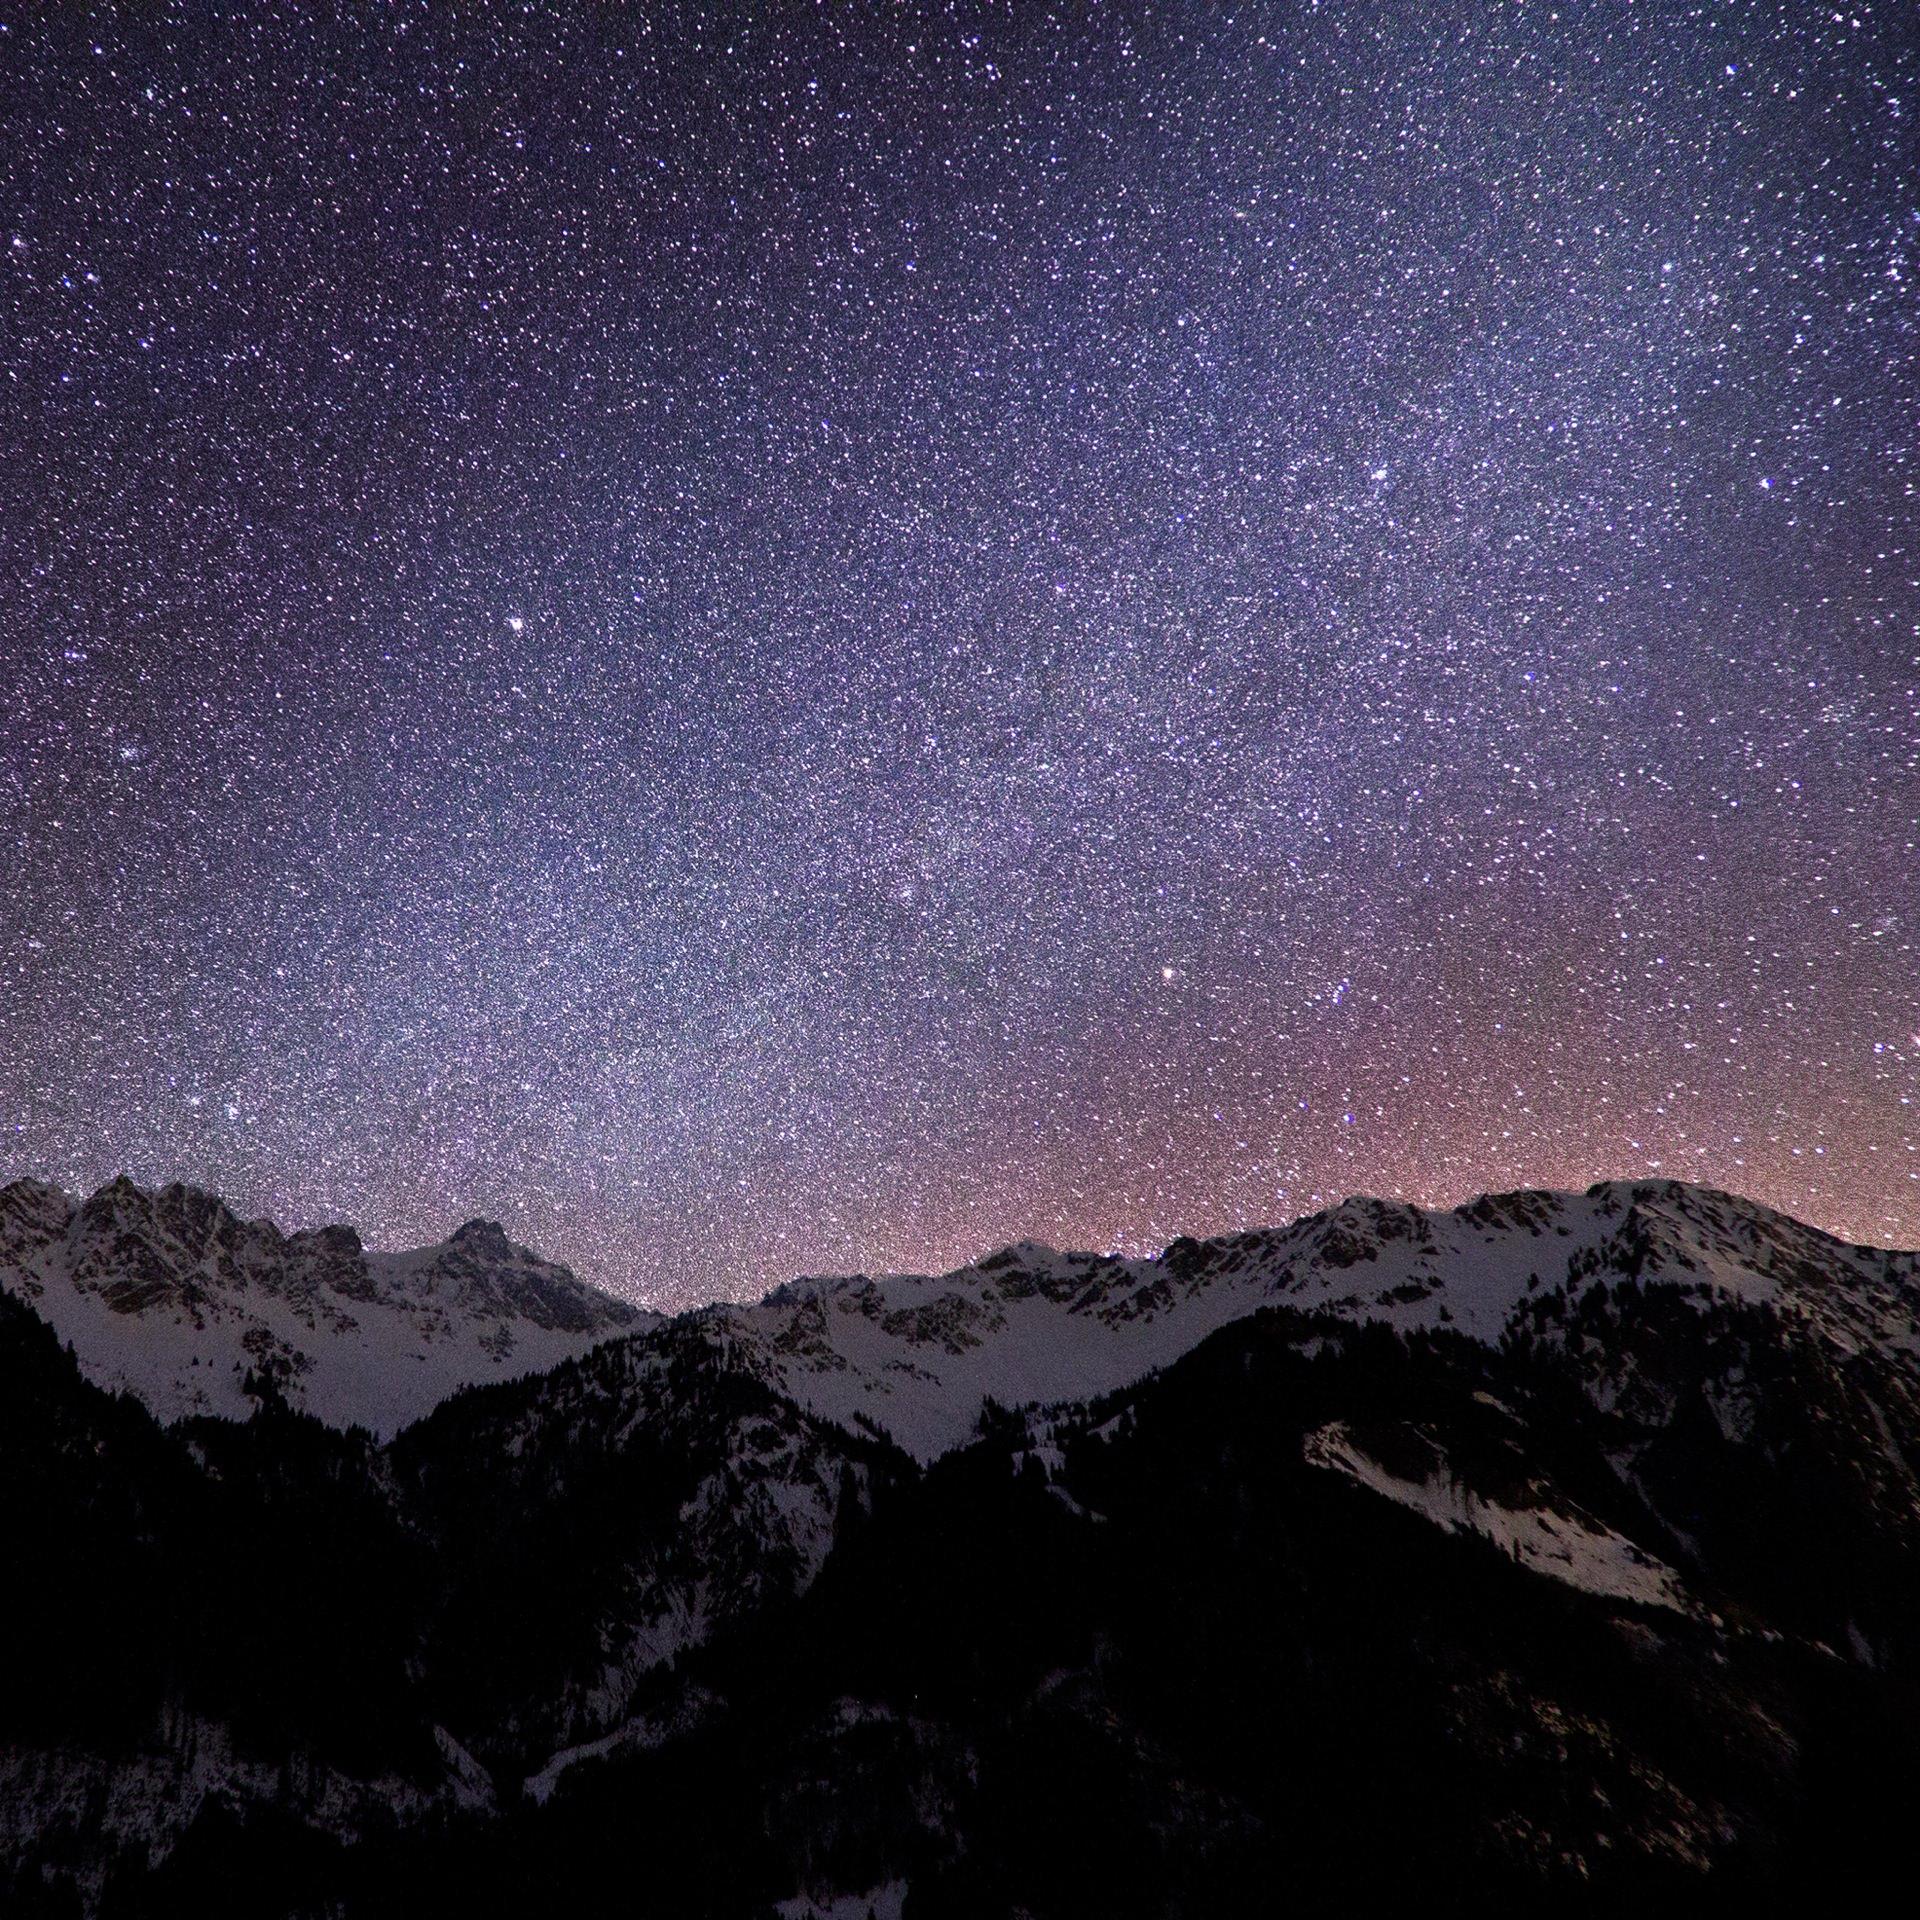 満天の空と山 Android壁紙